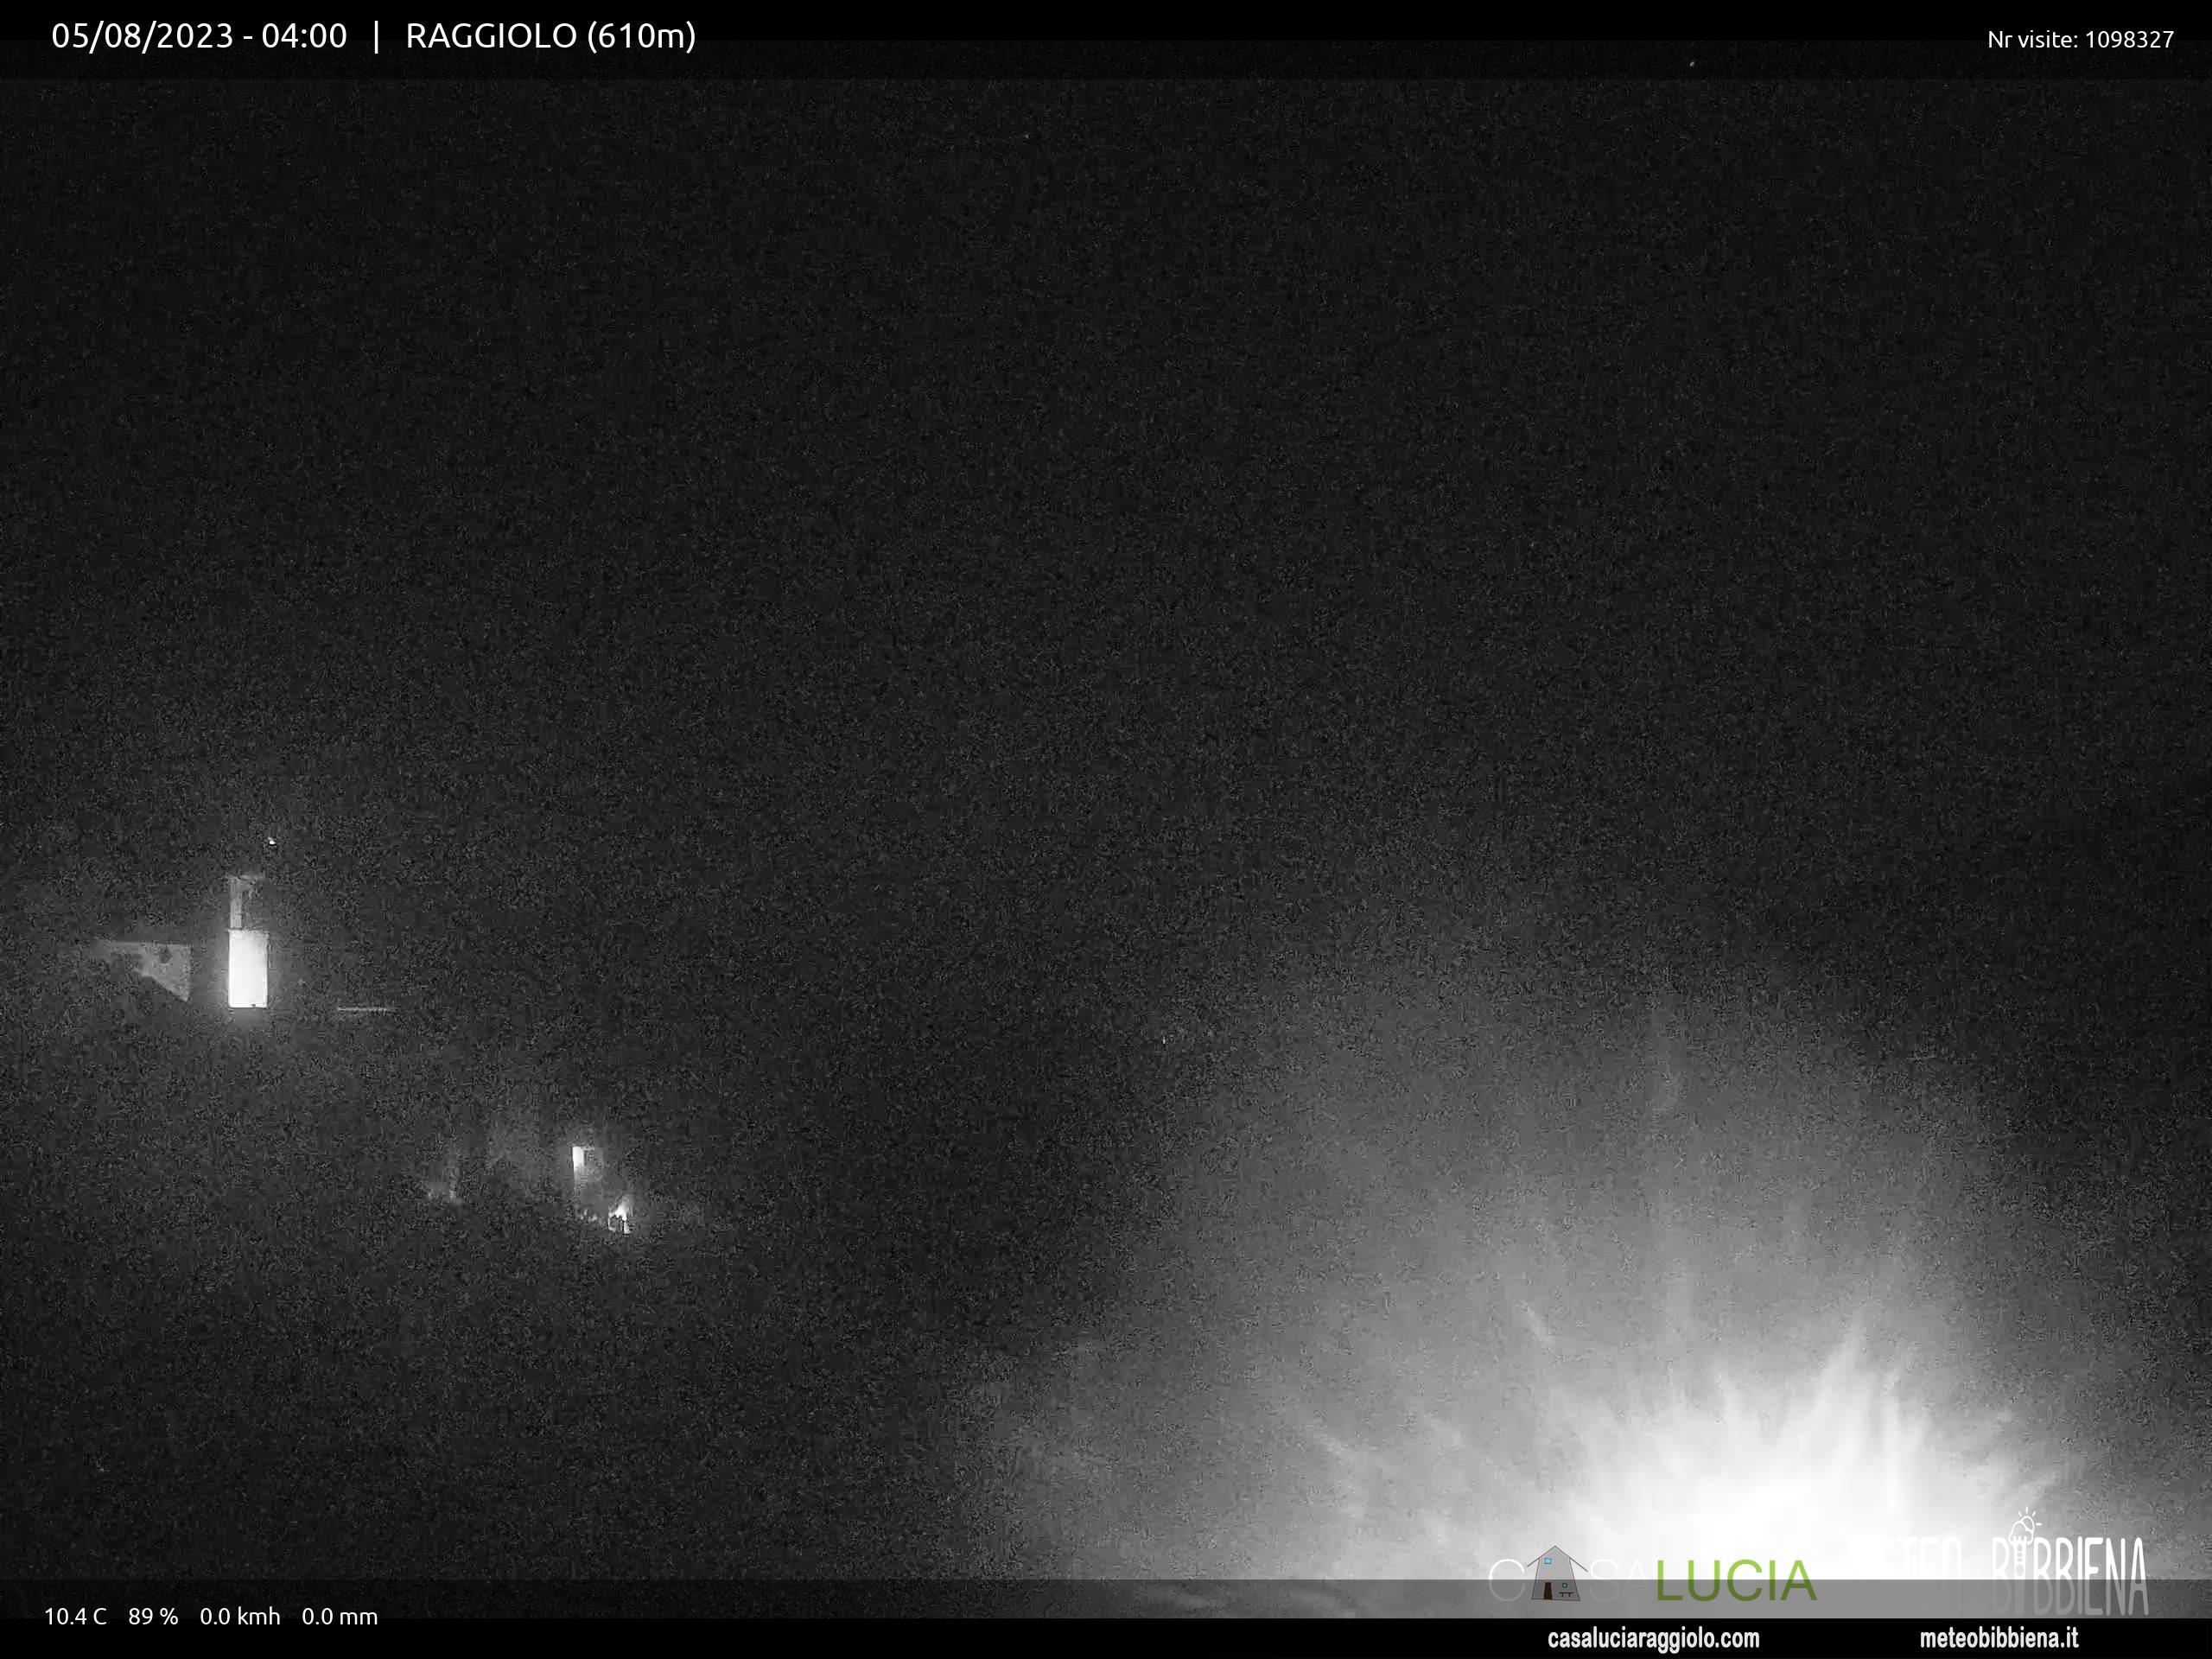 webcam Raggiolo, provincia di Arezzo, Toscana